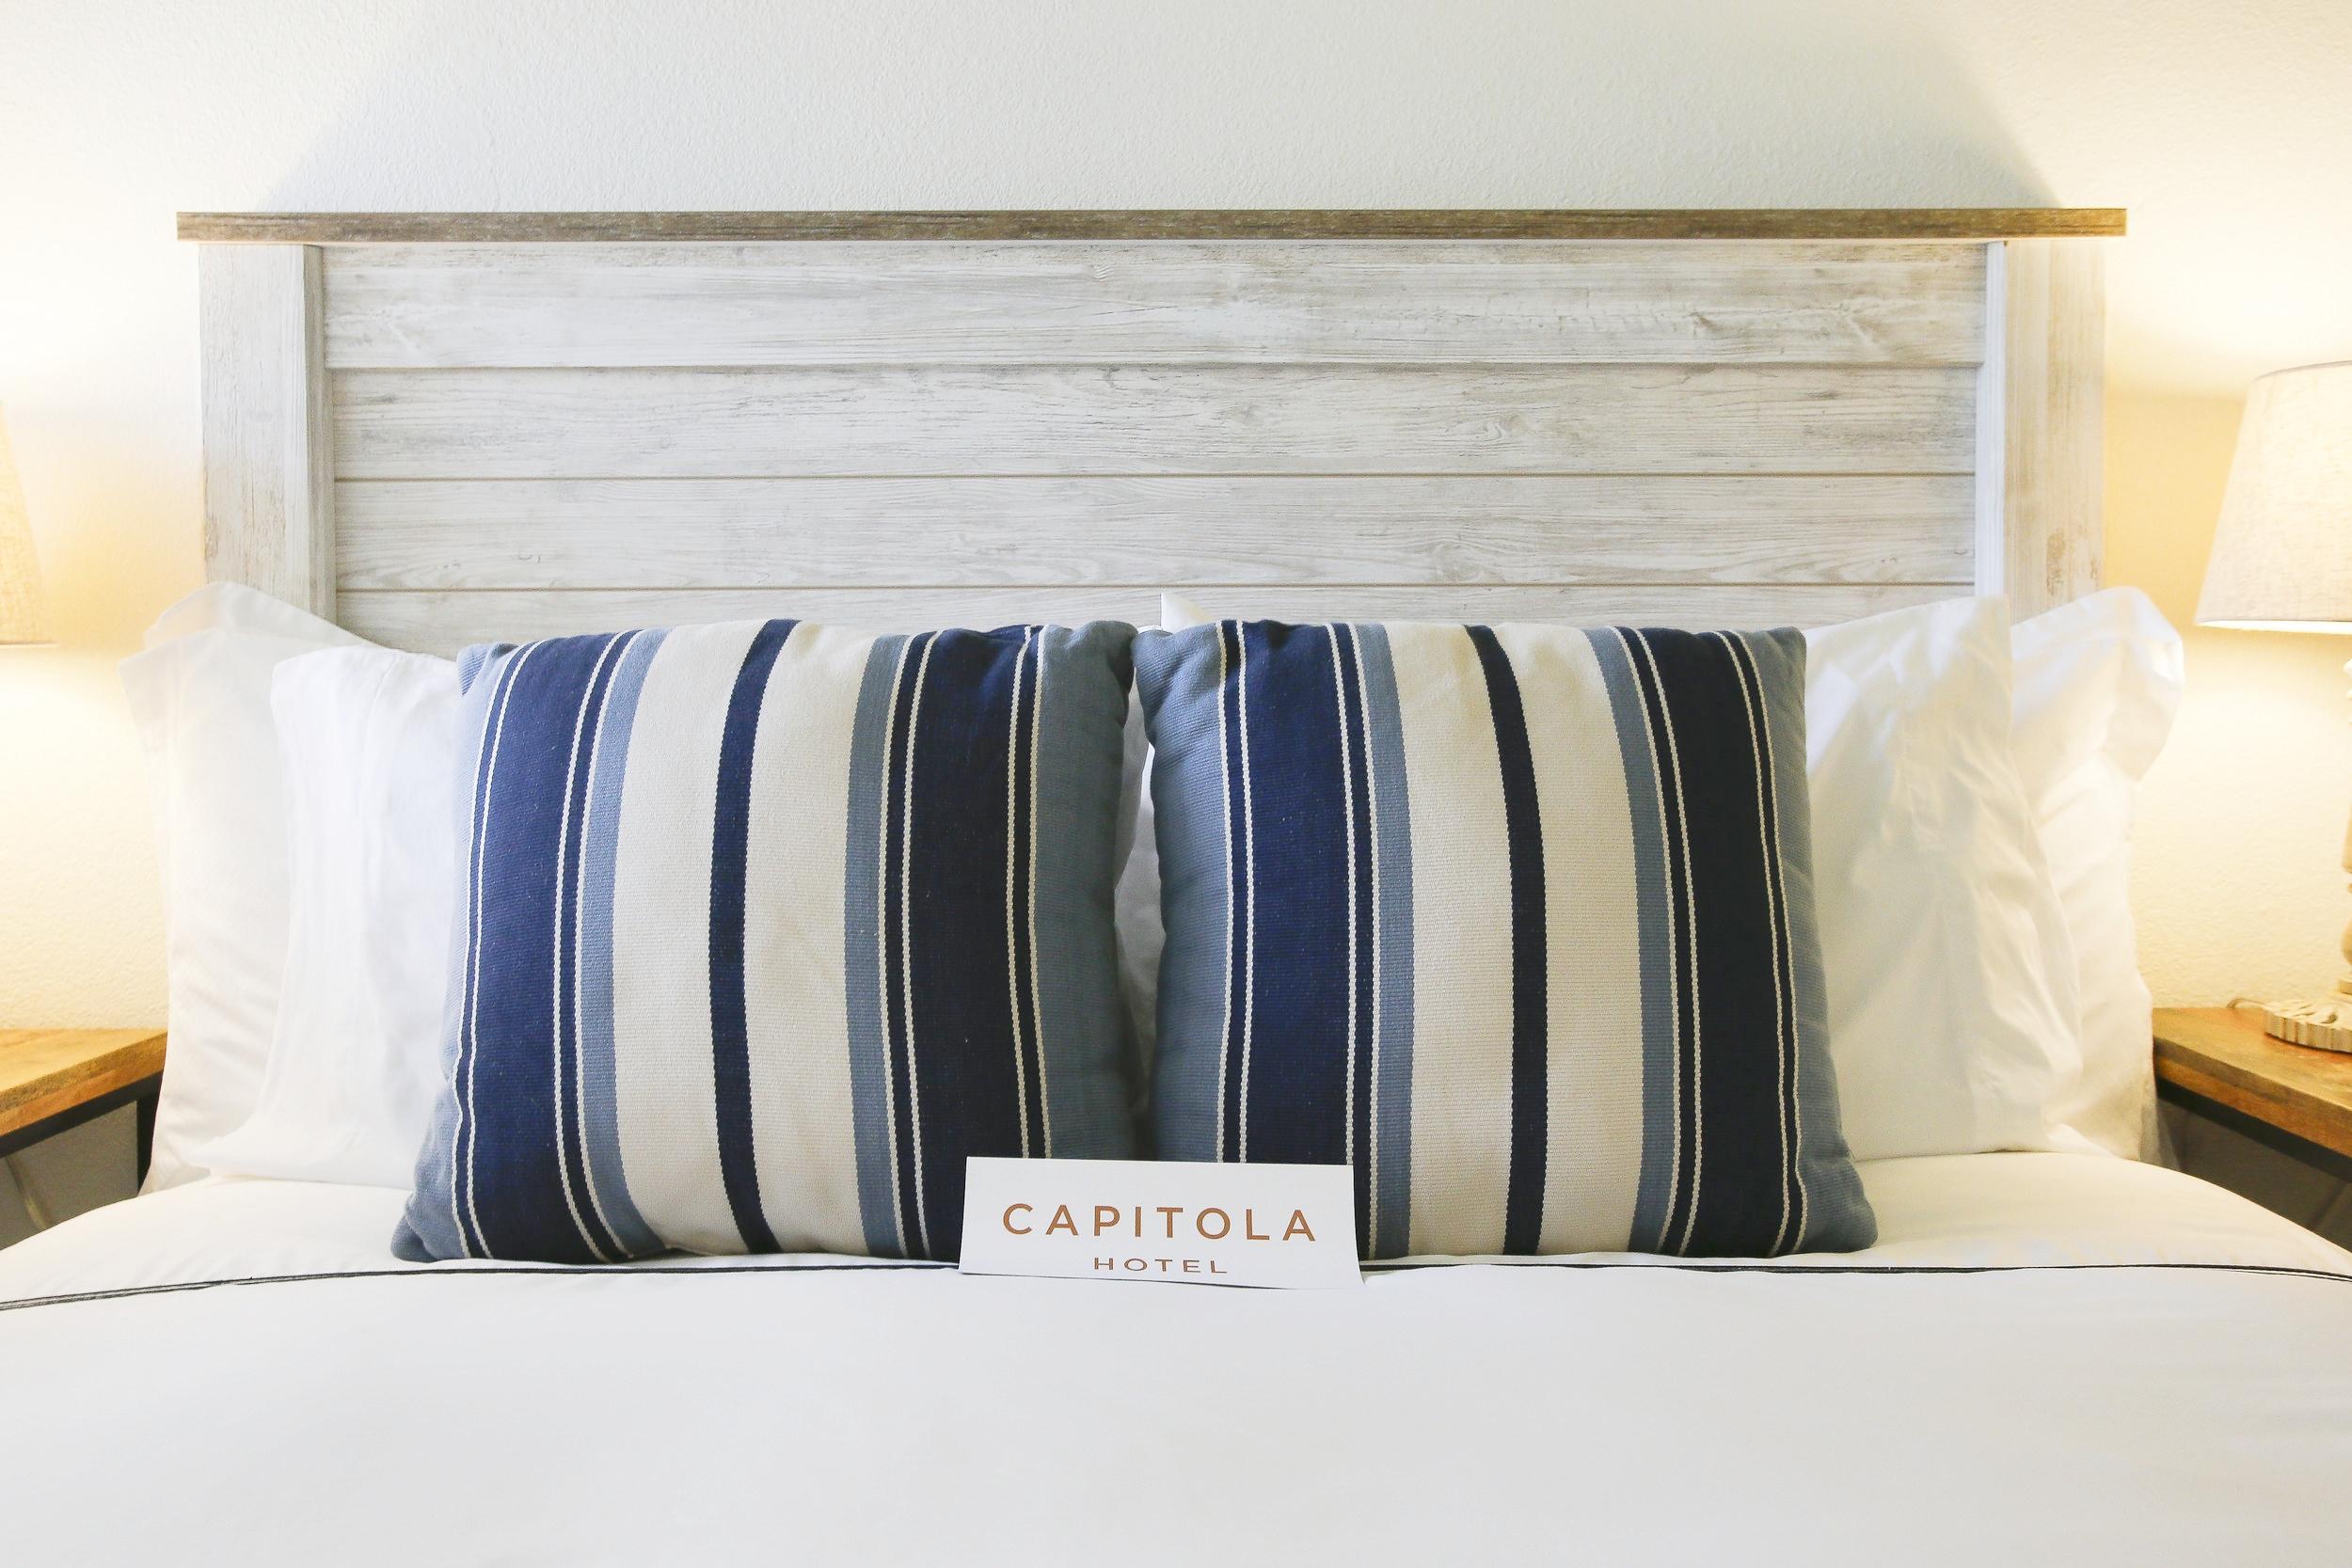 Martinque pillows upclose.jpg